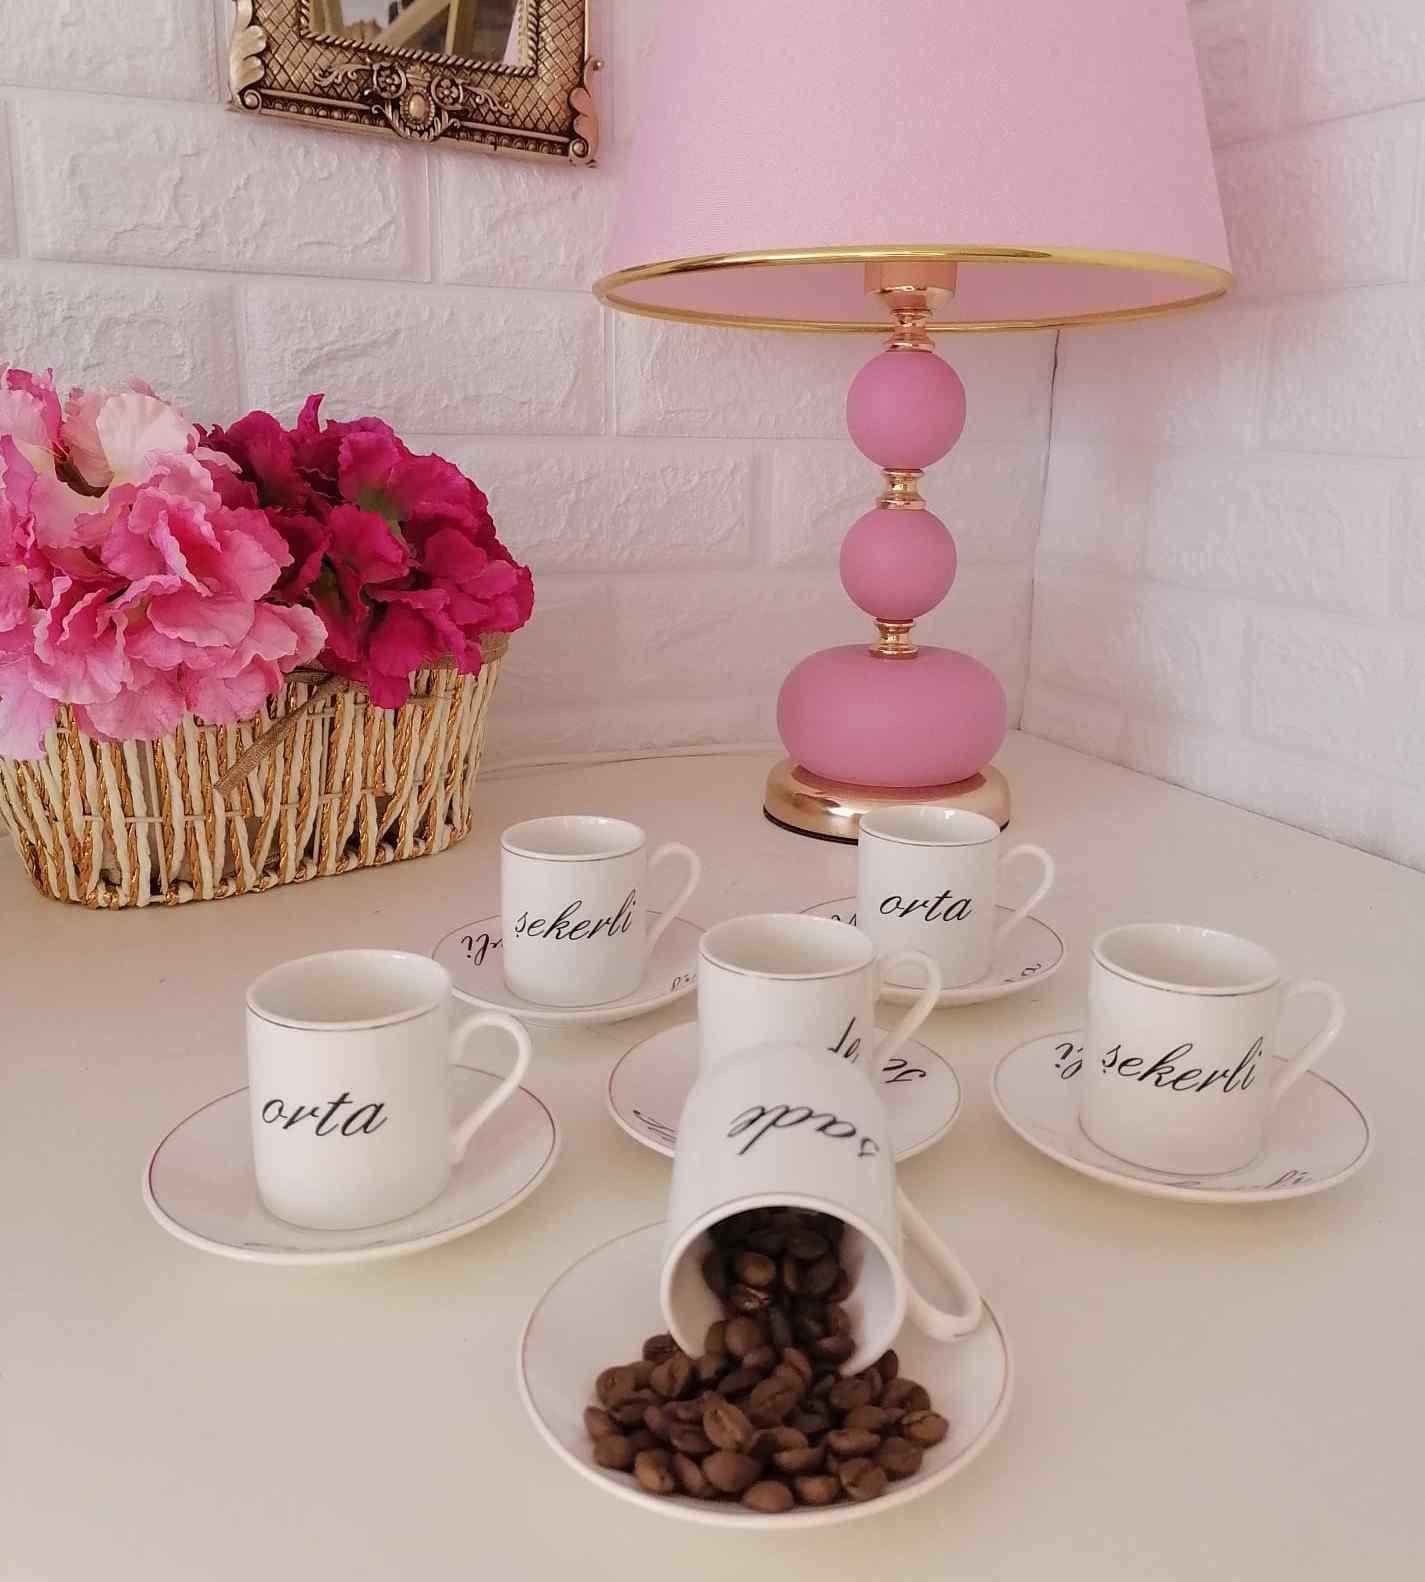 Şekerli Orta Sade Kahve Fincanı Takımı 6lı